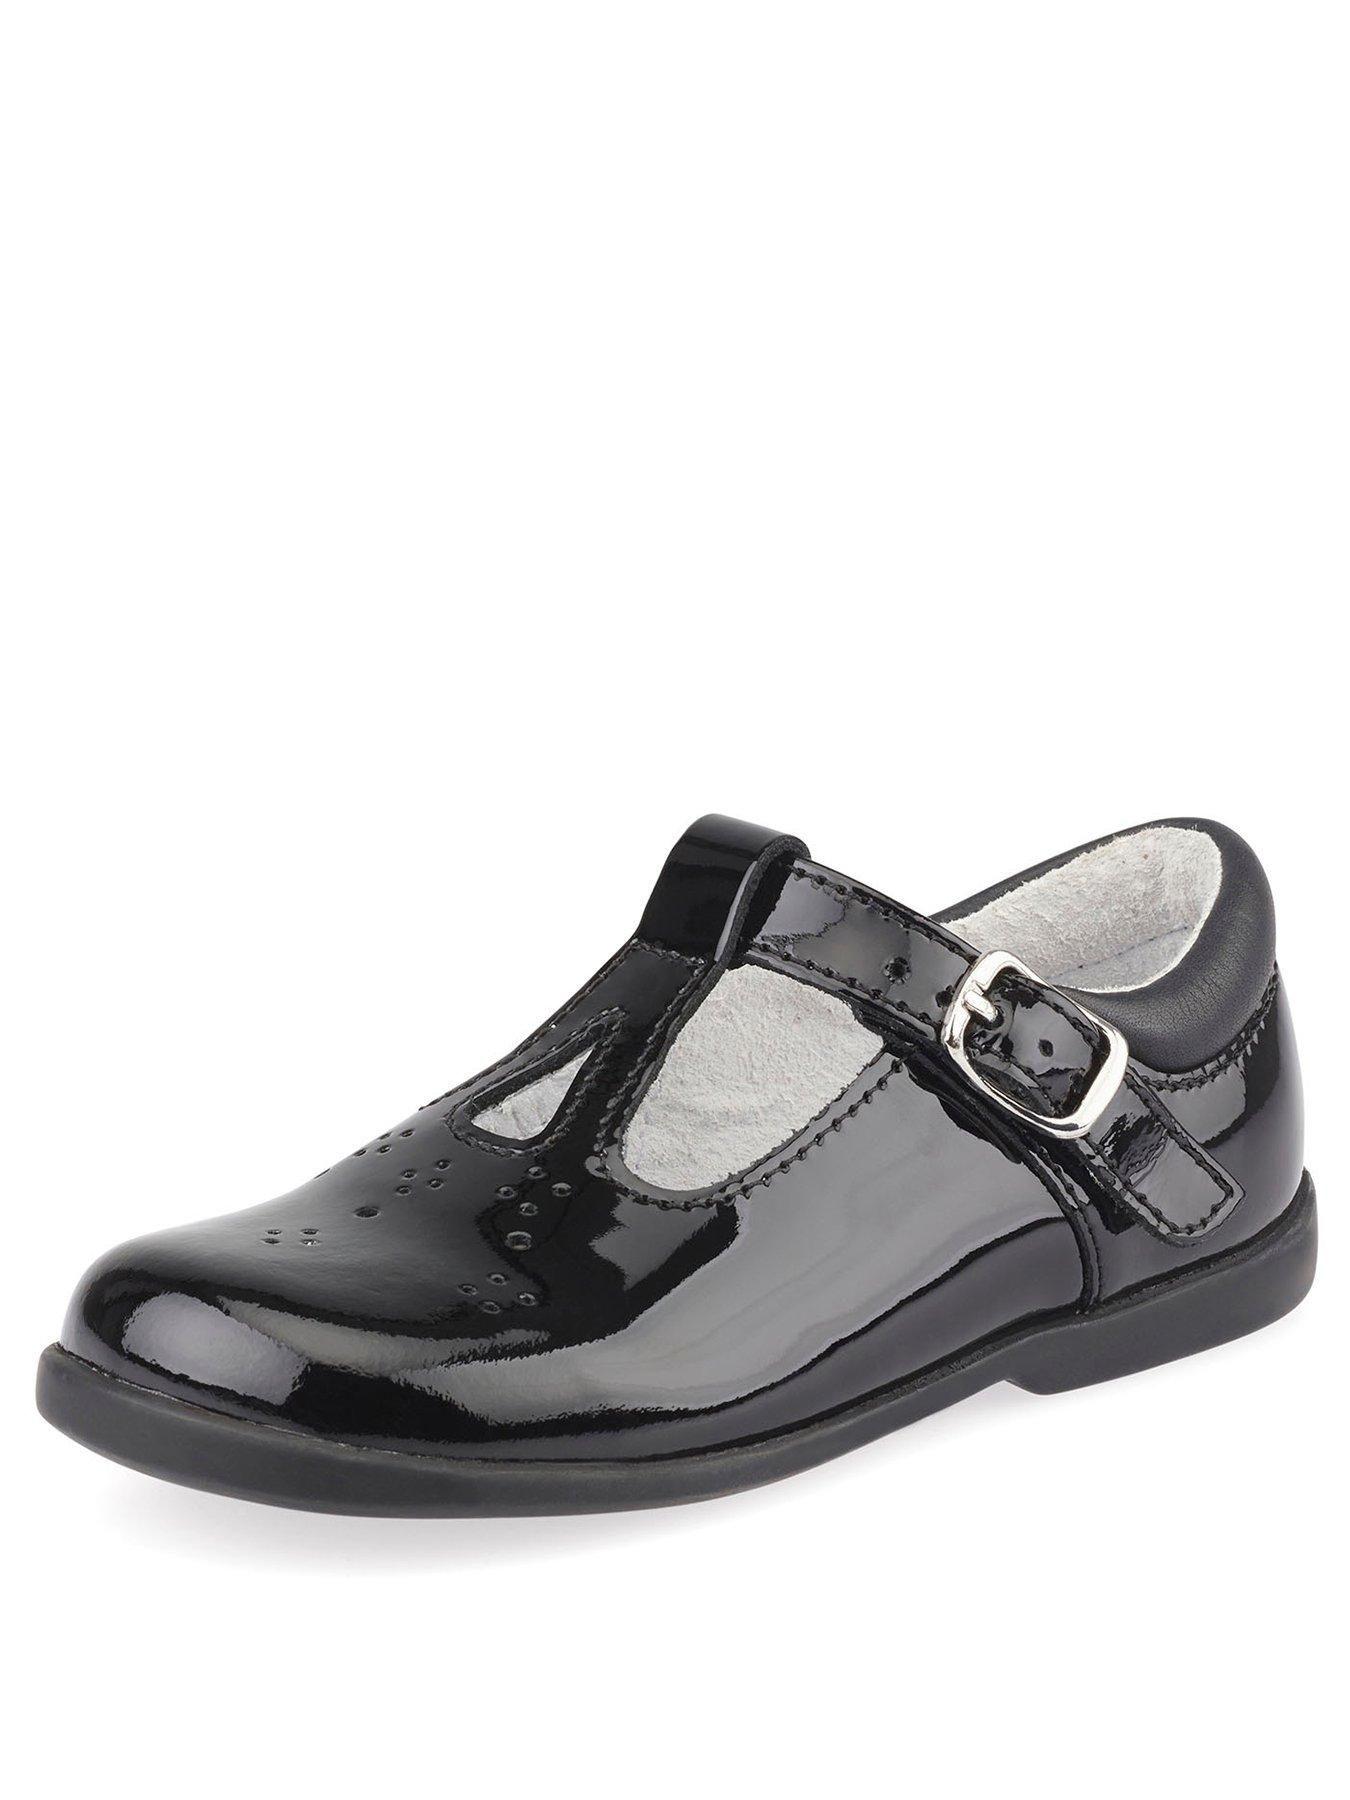 Start-rite Swirl Girls White Patent Shoe